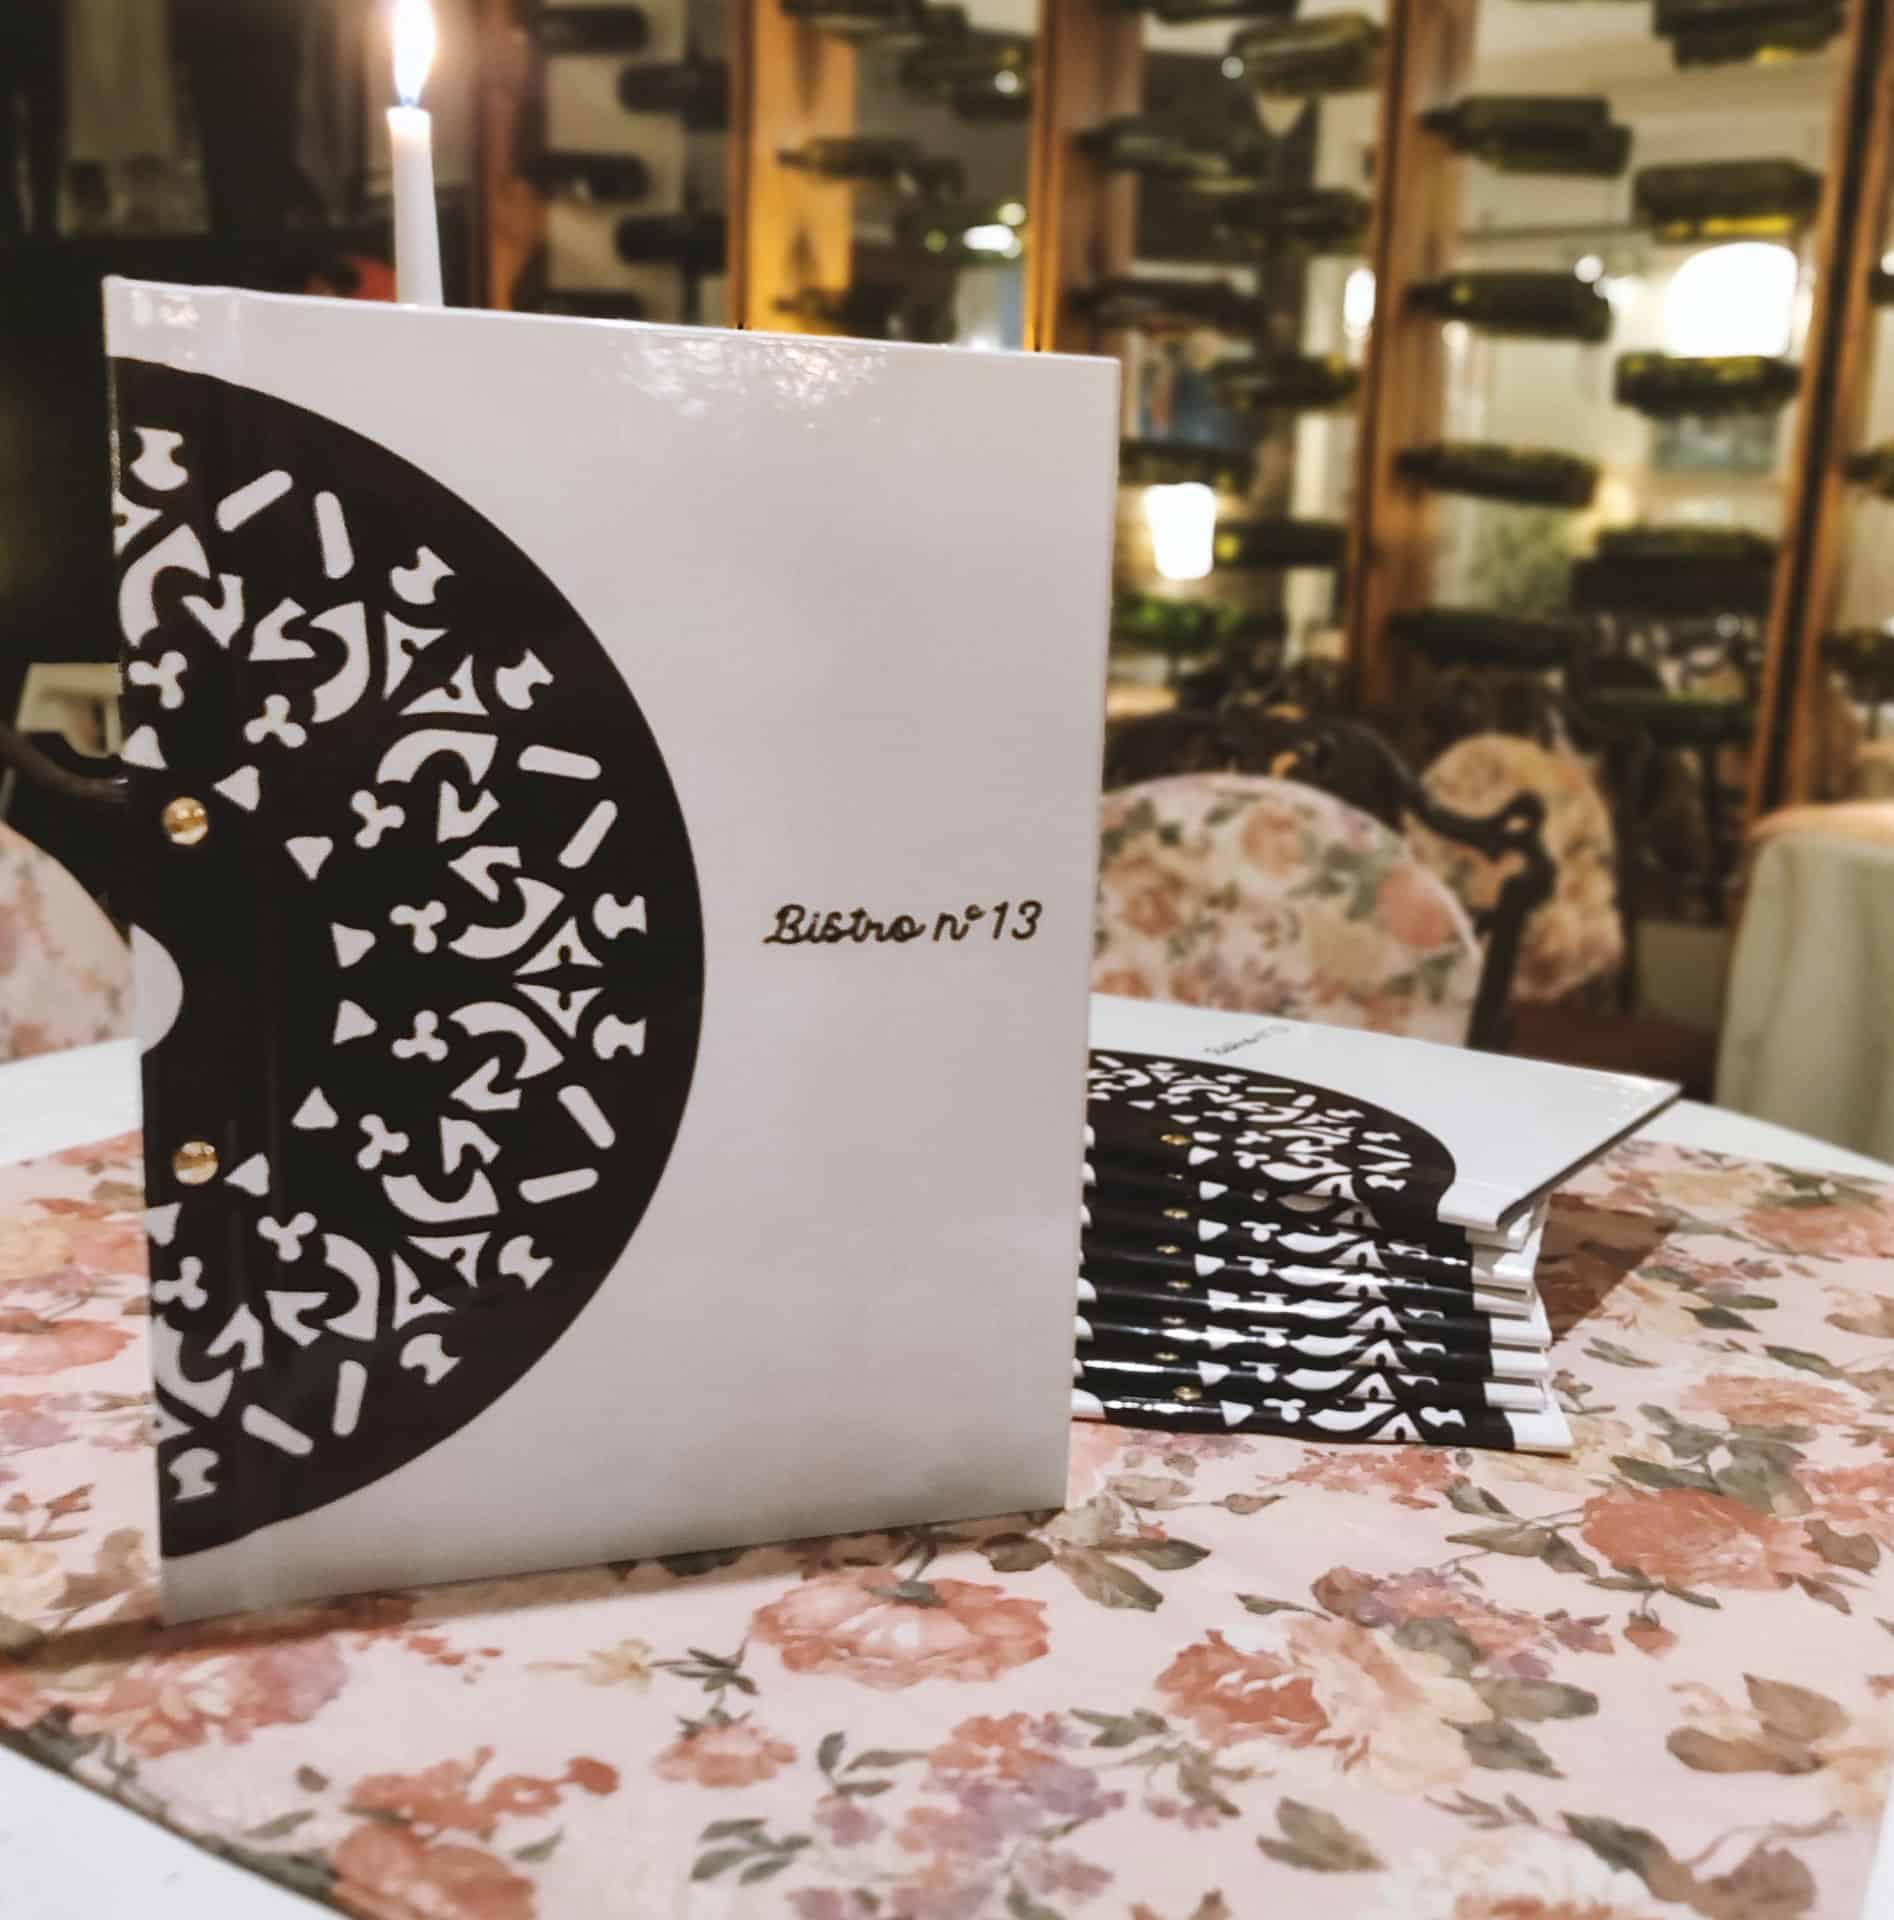 nadrukowane okładki na menu z logo Bistro no 13